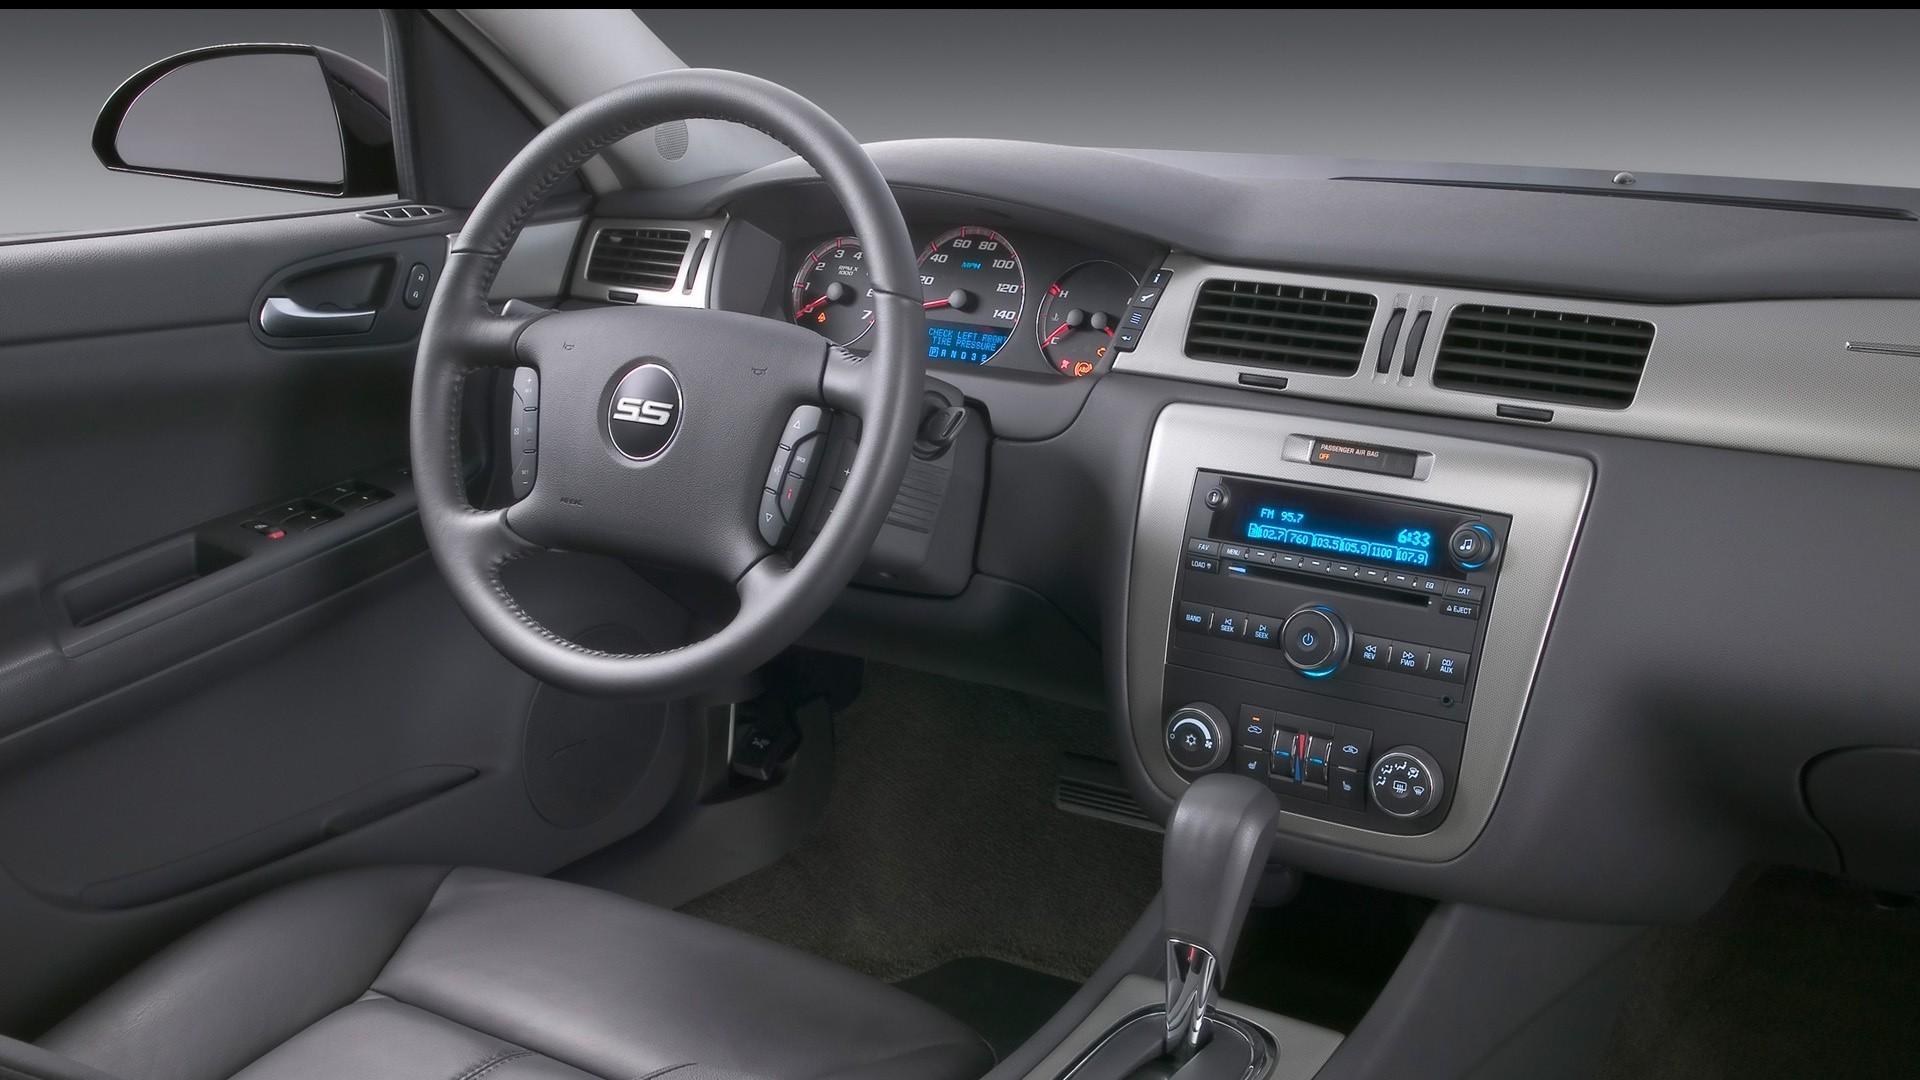 Wallpapers cataloguecom   Chevrolet Impala SS 2009 interior 1920x1080